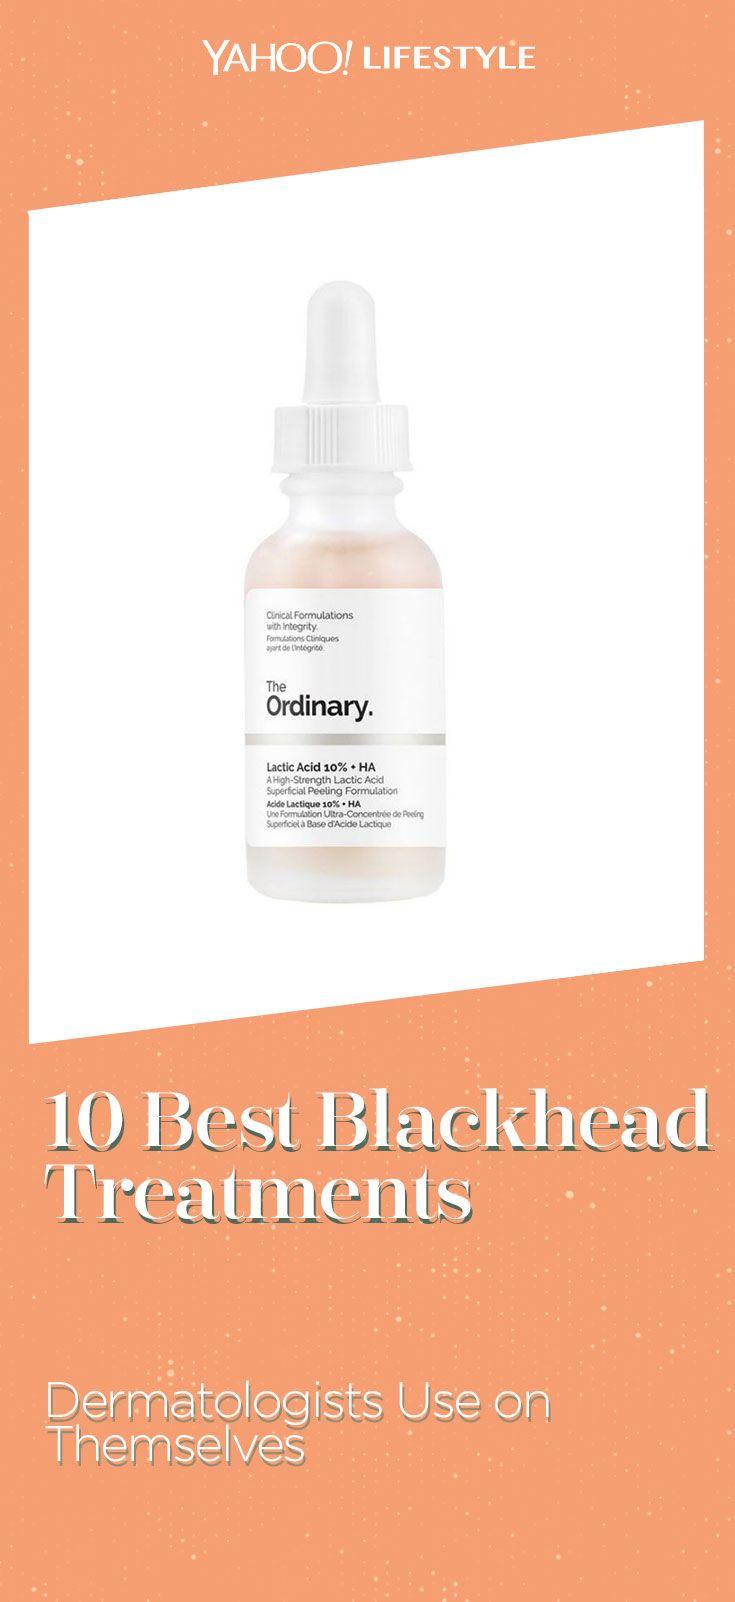 10 Best Blackhead Treatments